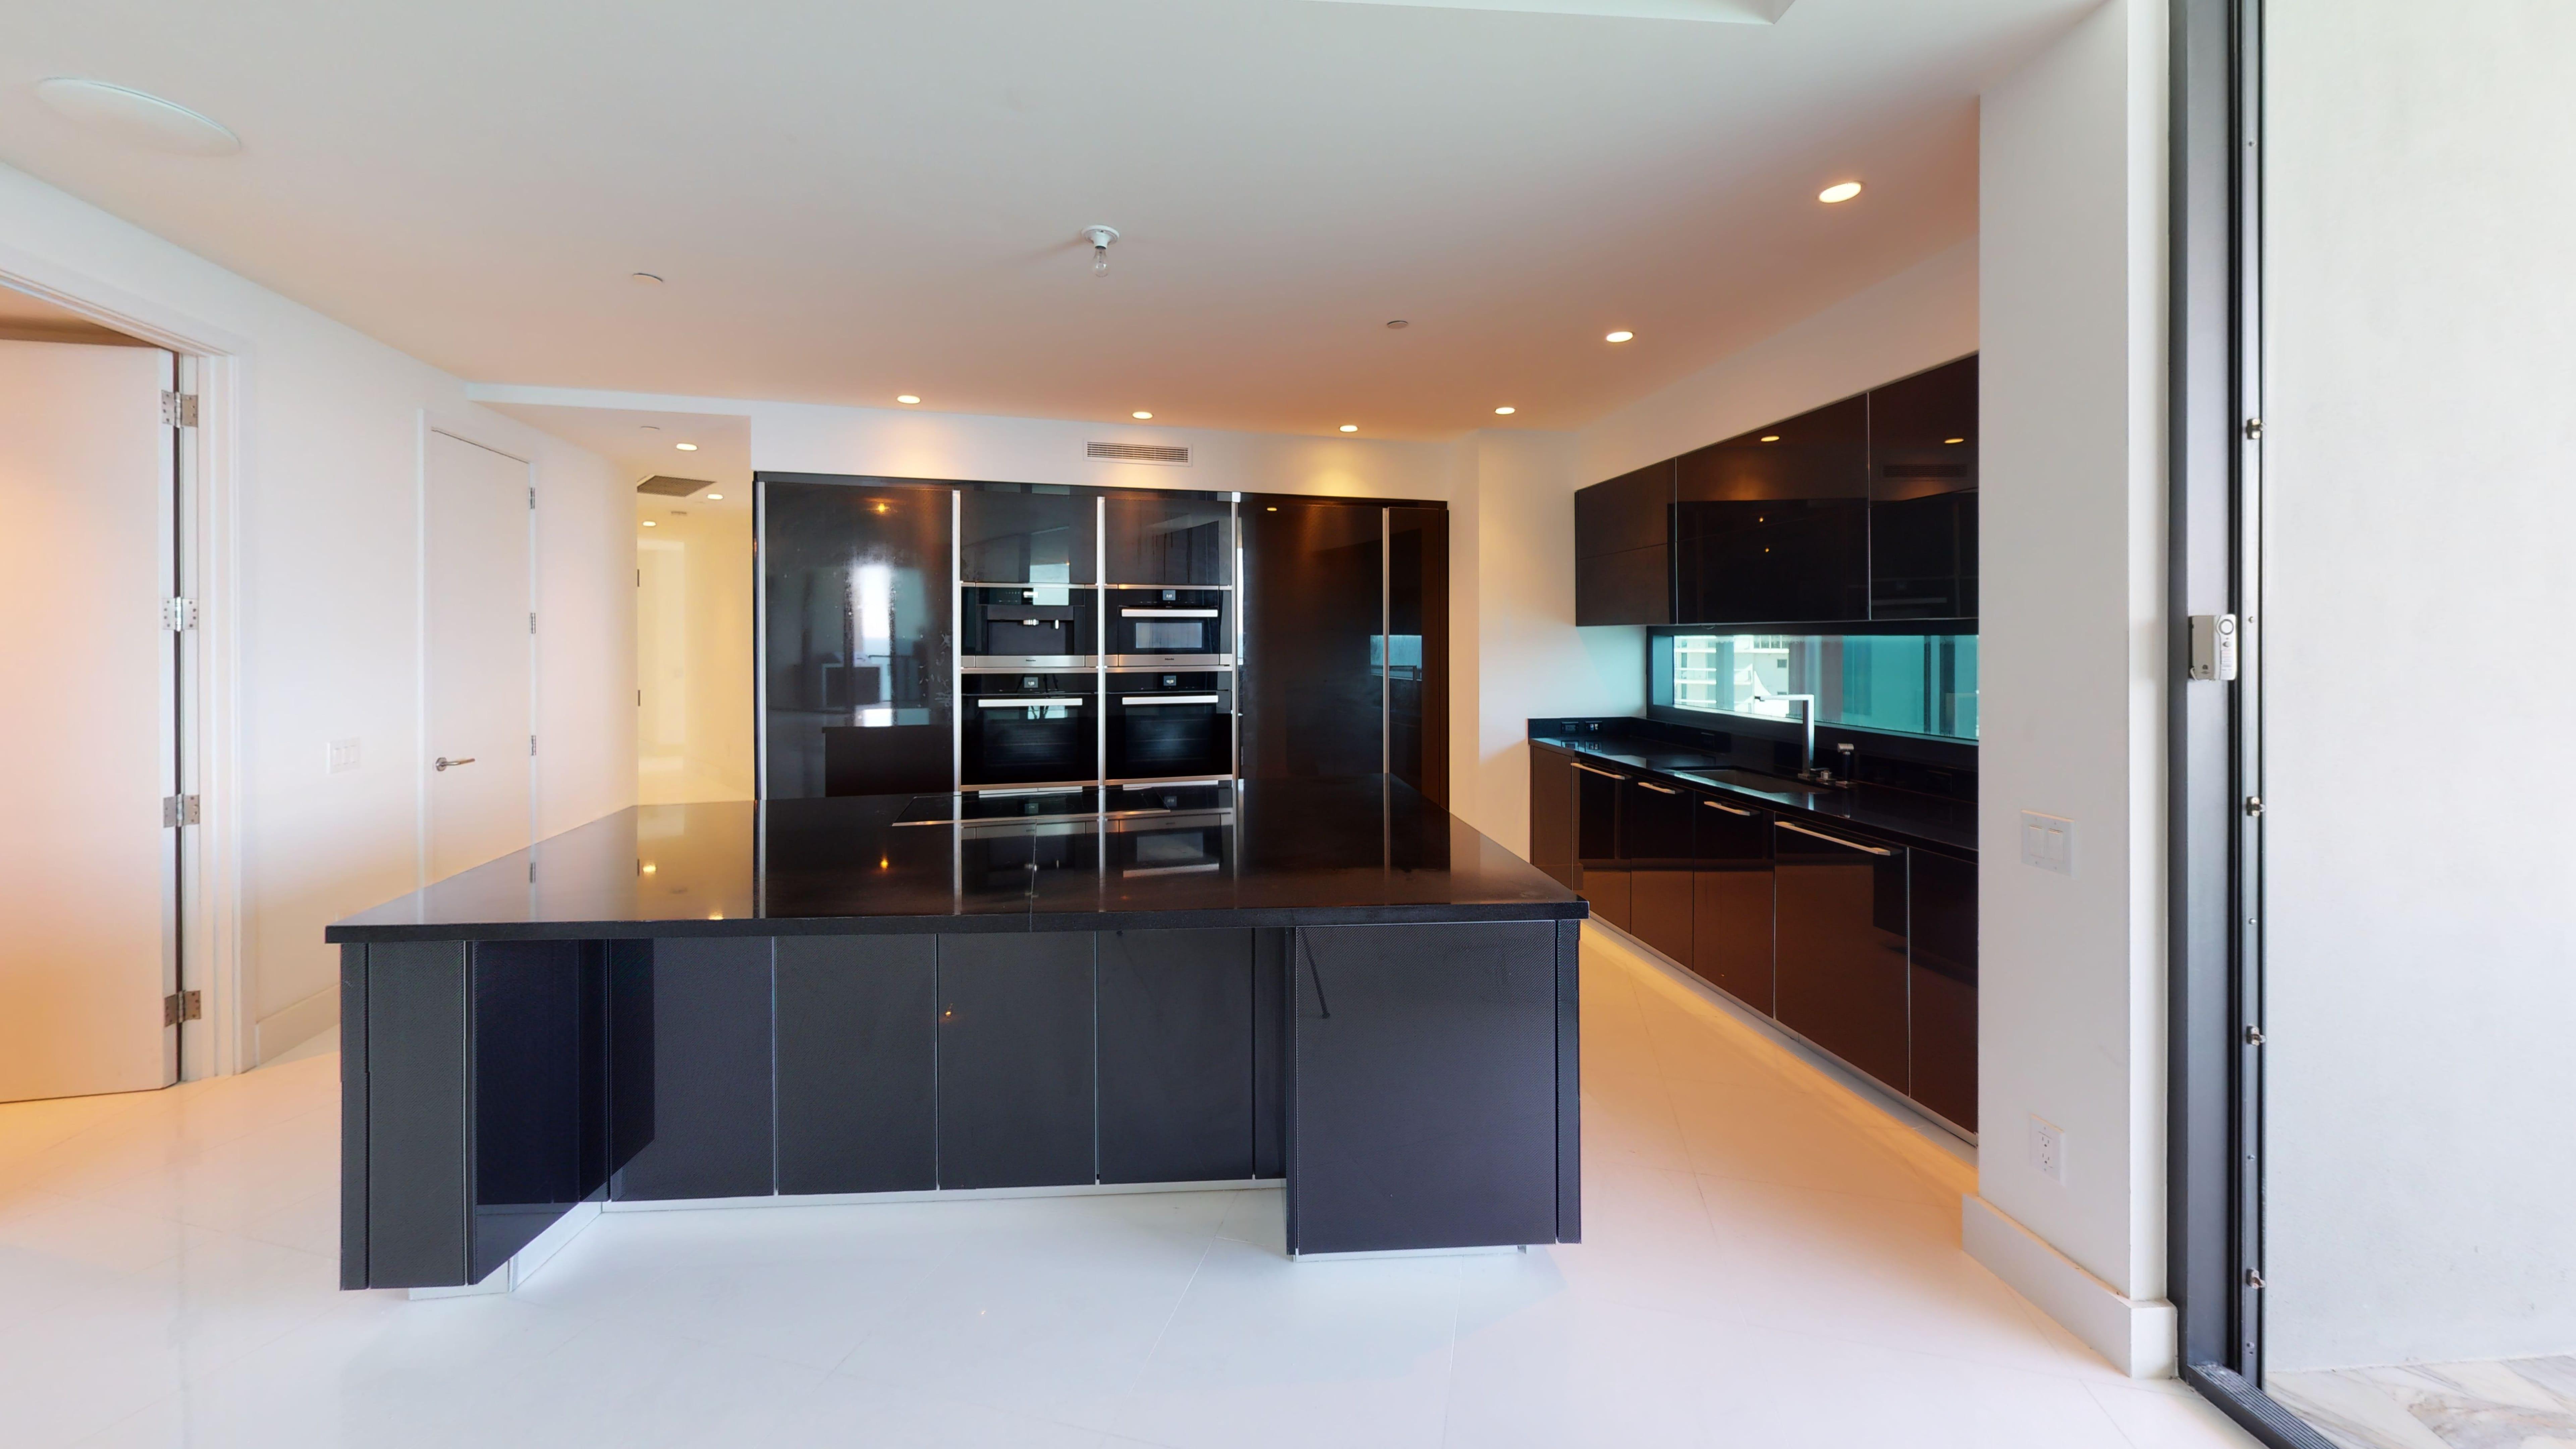 Porsche-Design-Tower-Unit-2205-Kitchen